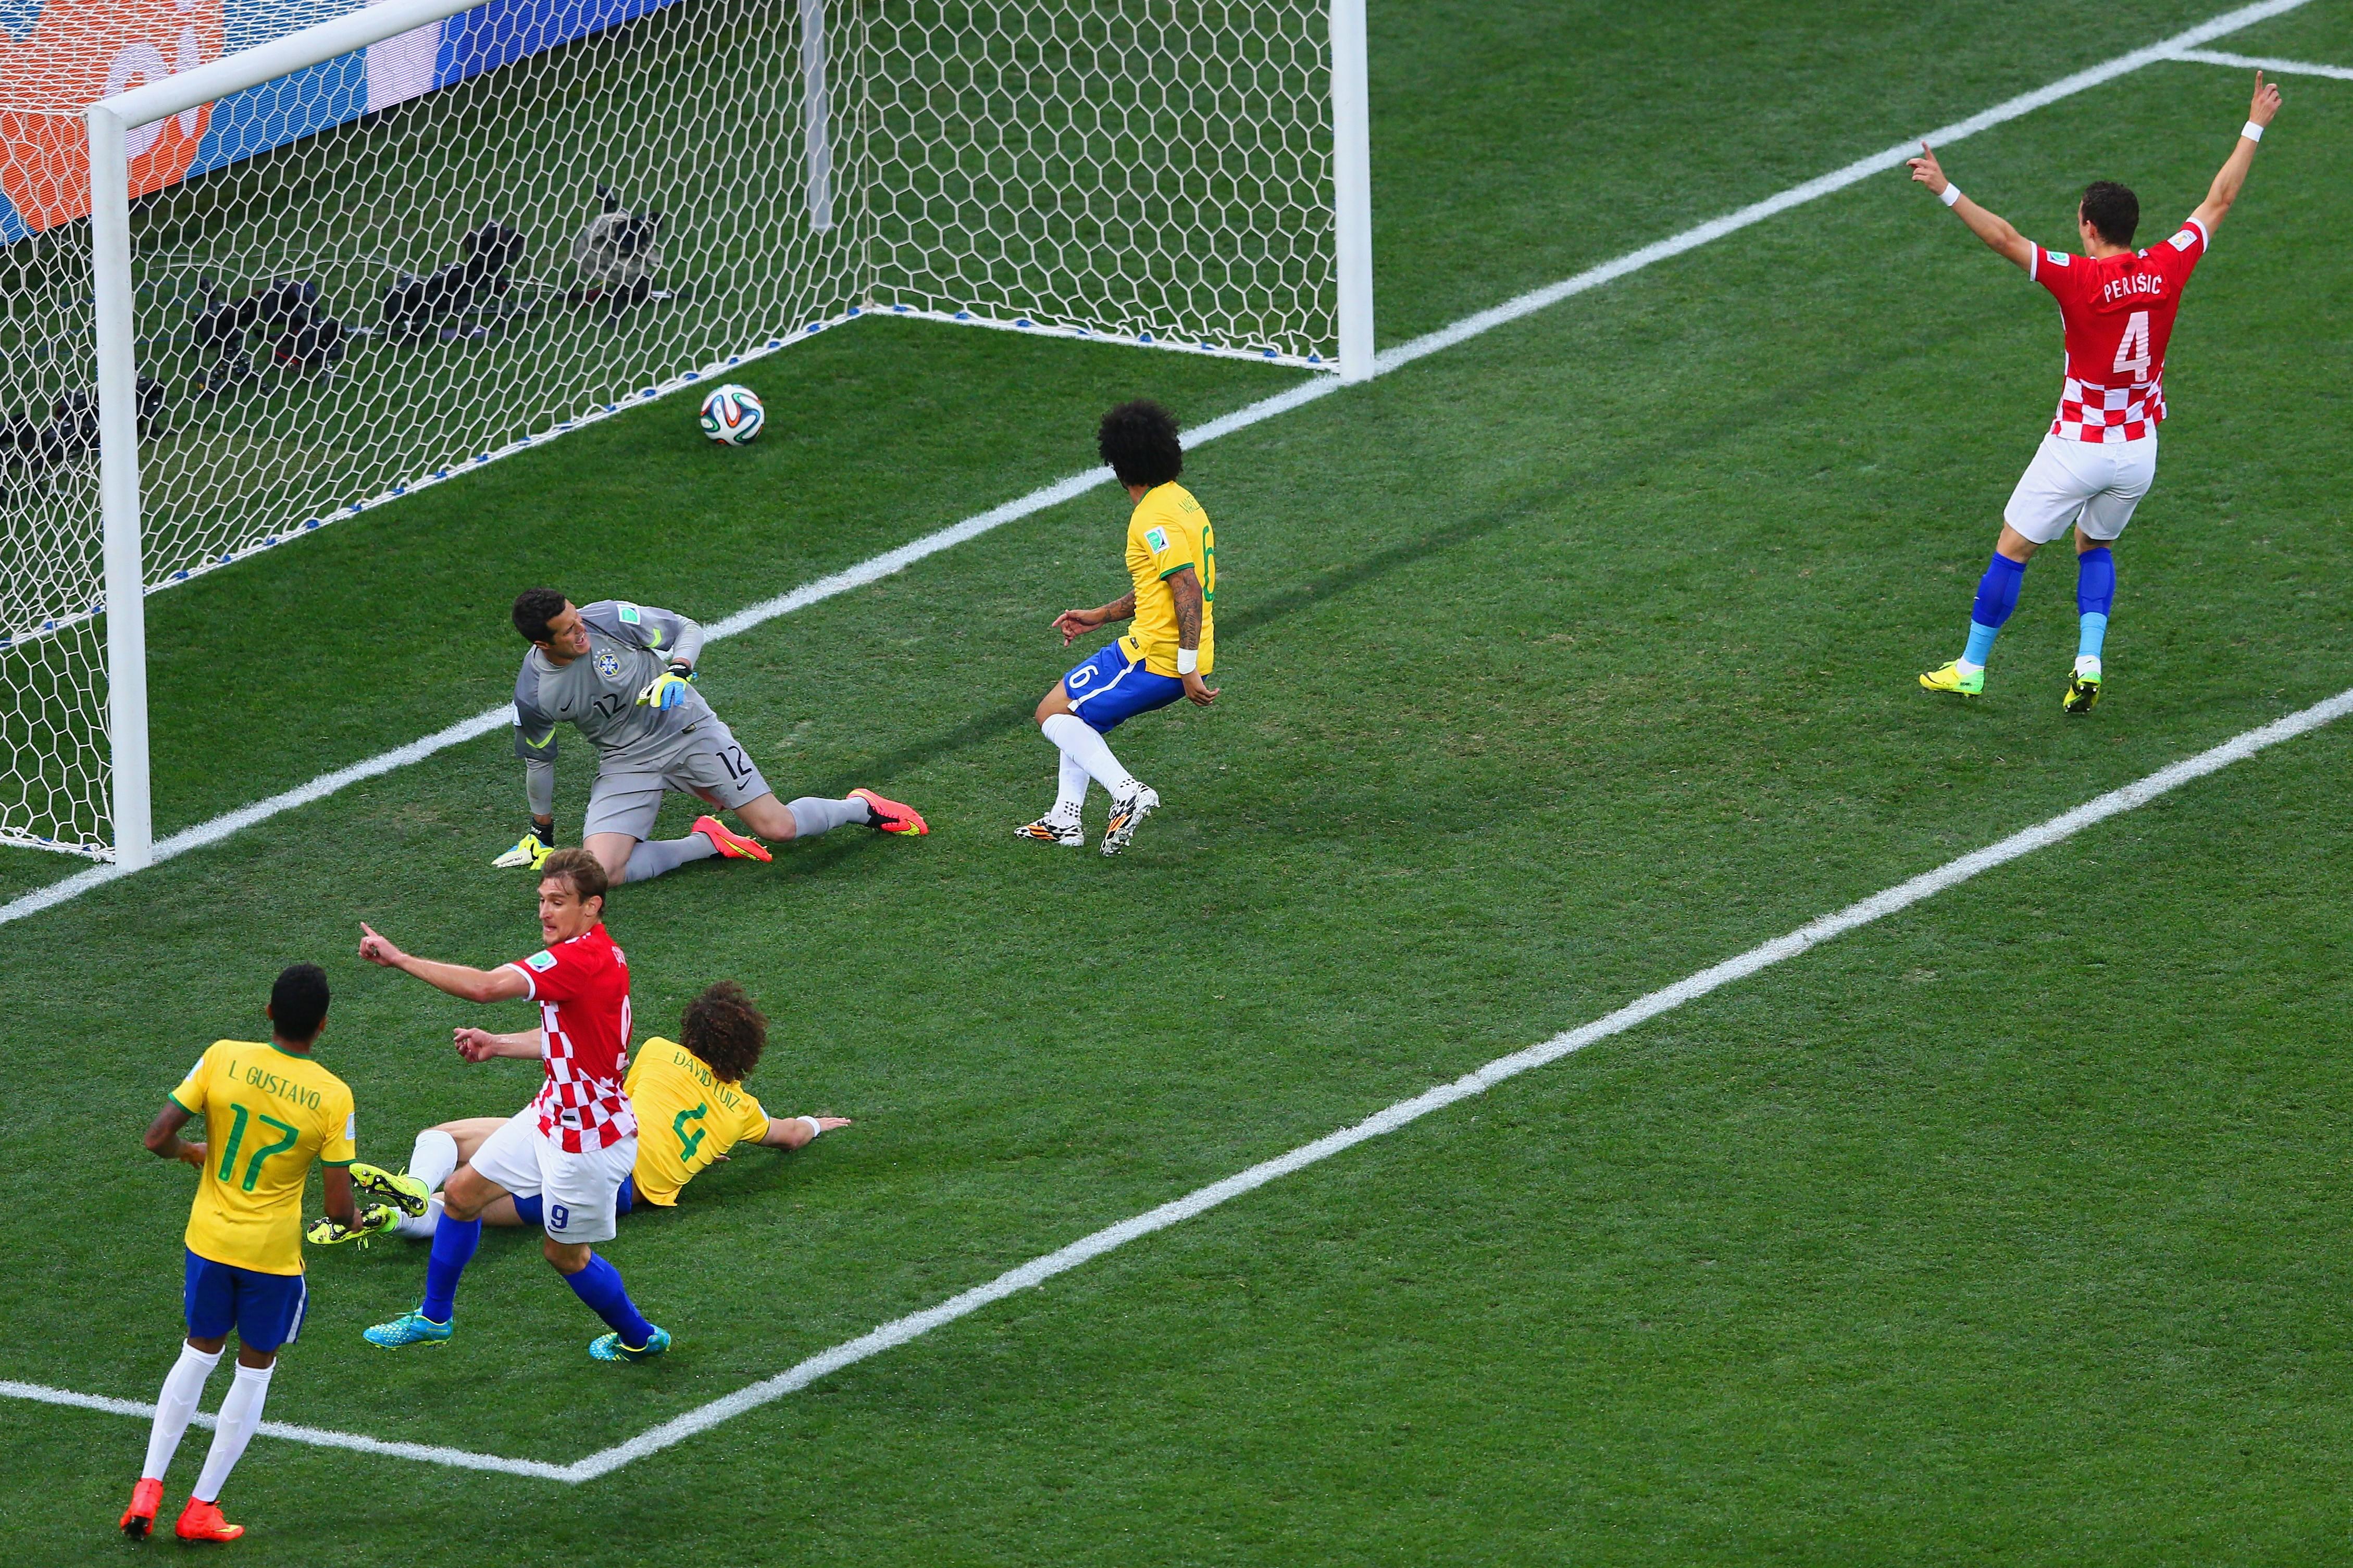 Бразилія - Хорватія 3:1. Автогол, суддя, Бразилія - изображение 4